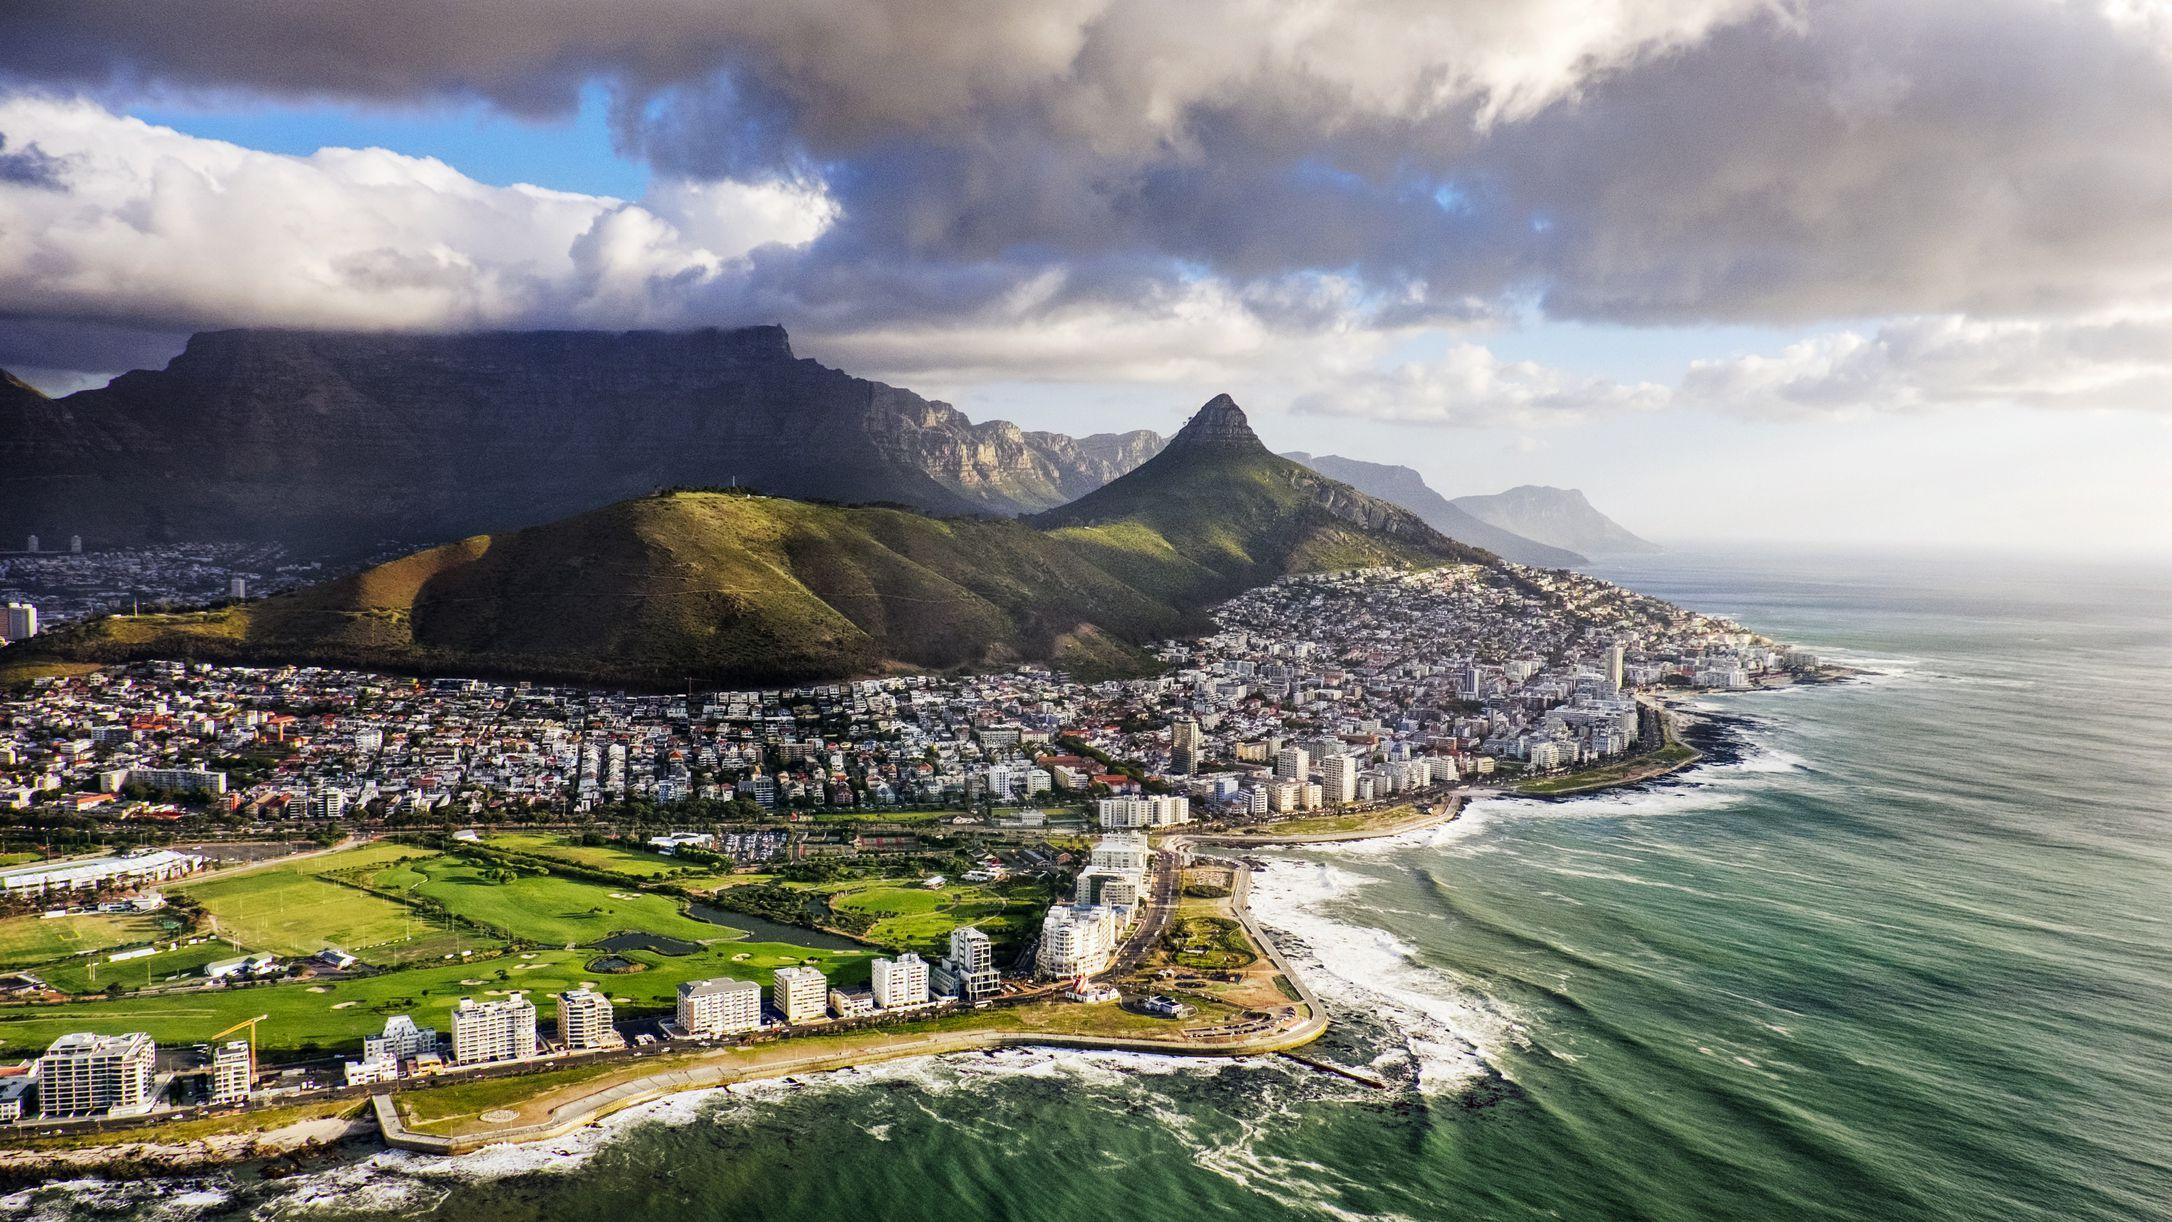 جاهای دیدنی کیپ تاون آفریقا جنوبی